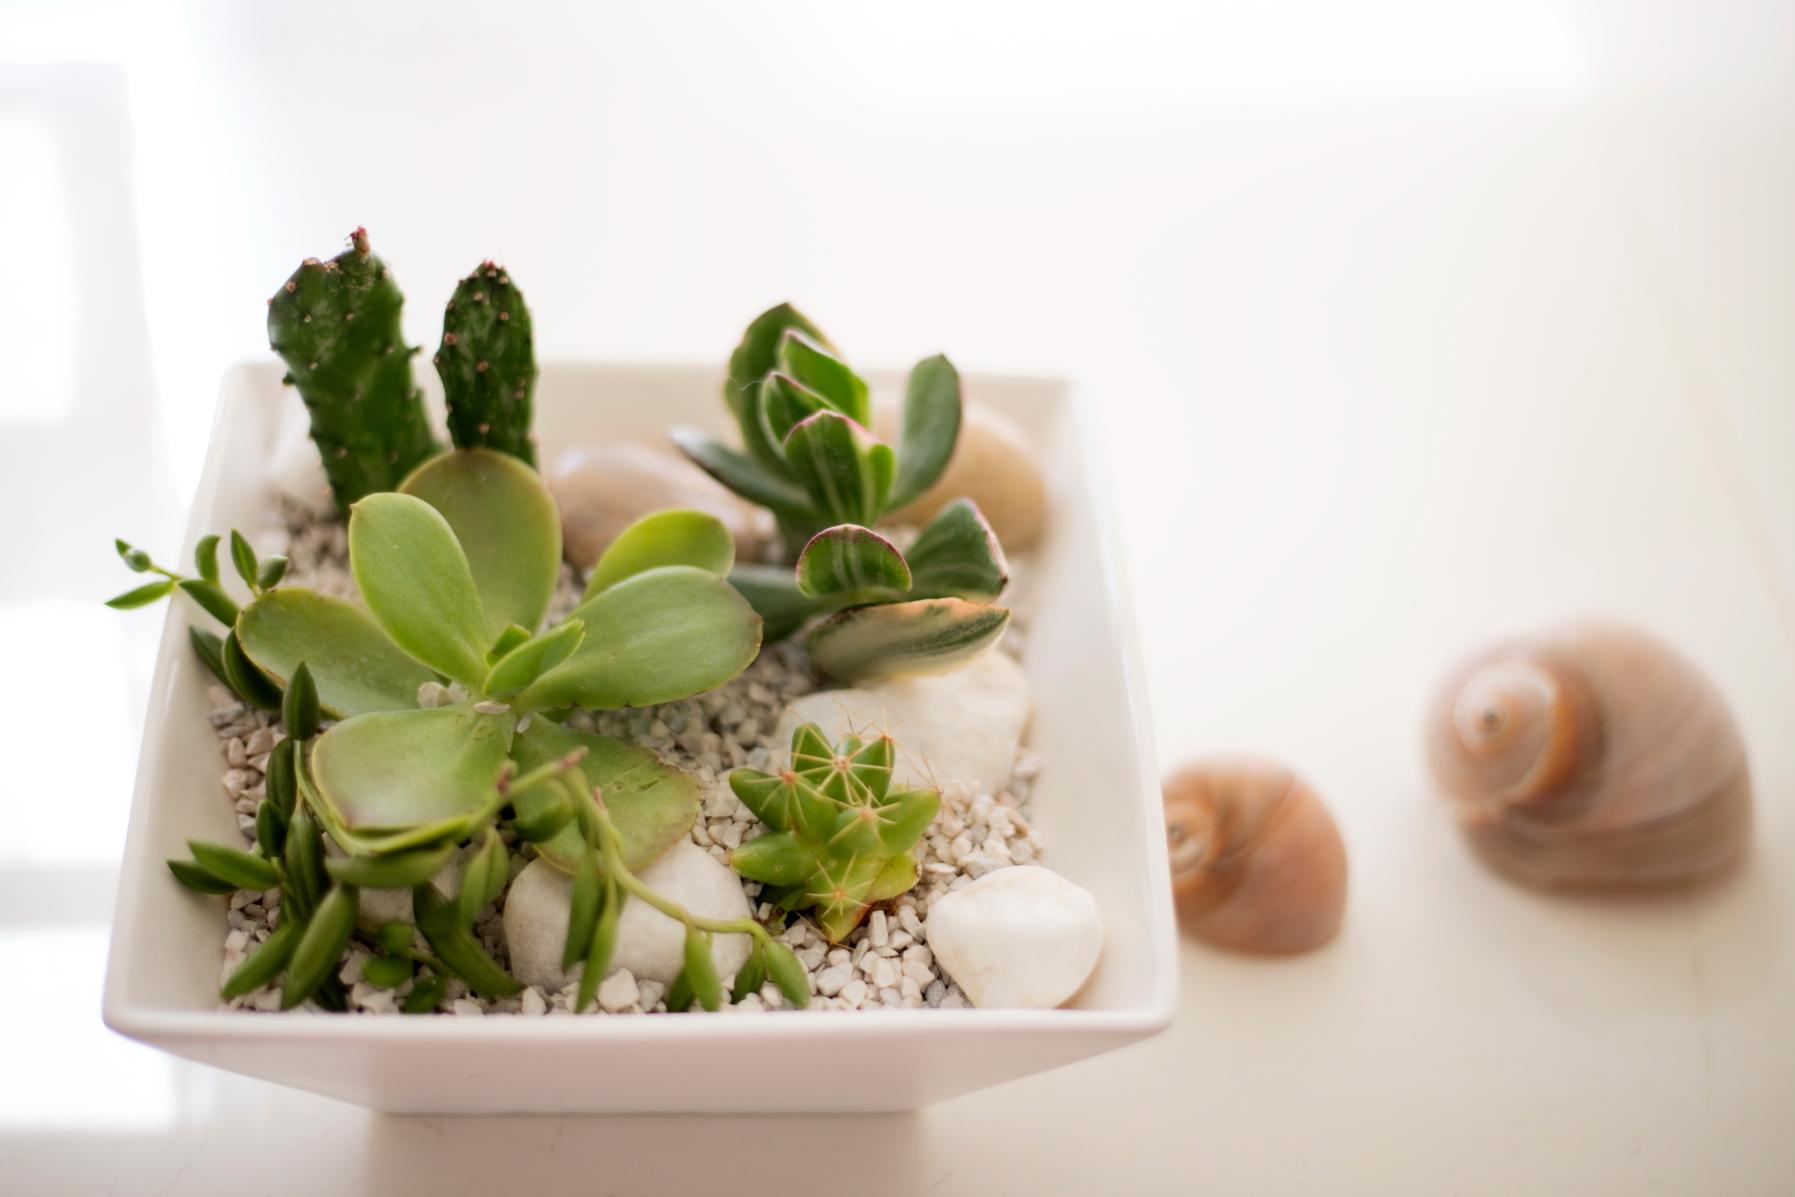 インテリアのグリーン①多肉植物の寄せ植えを、美しく見せる2つのルール_1_1